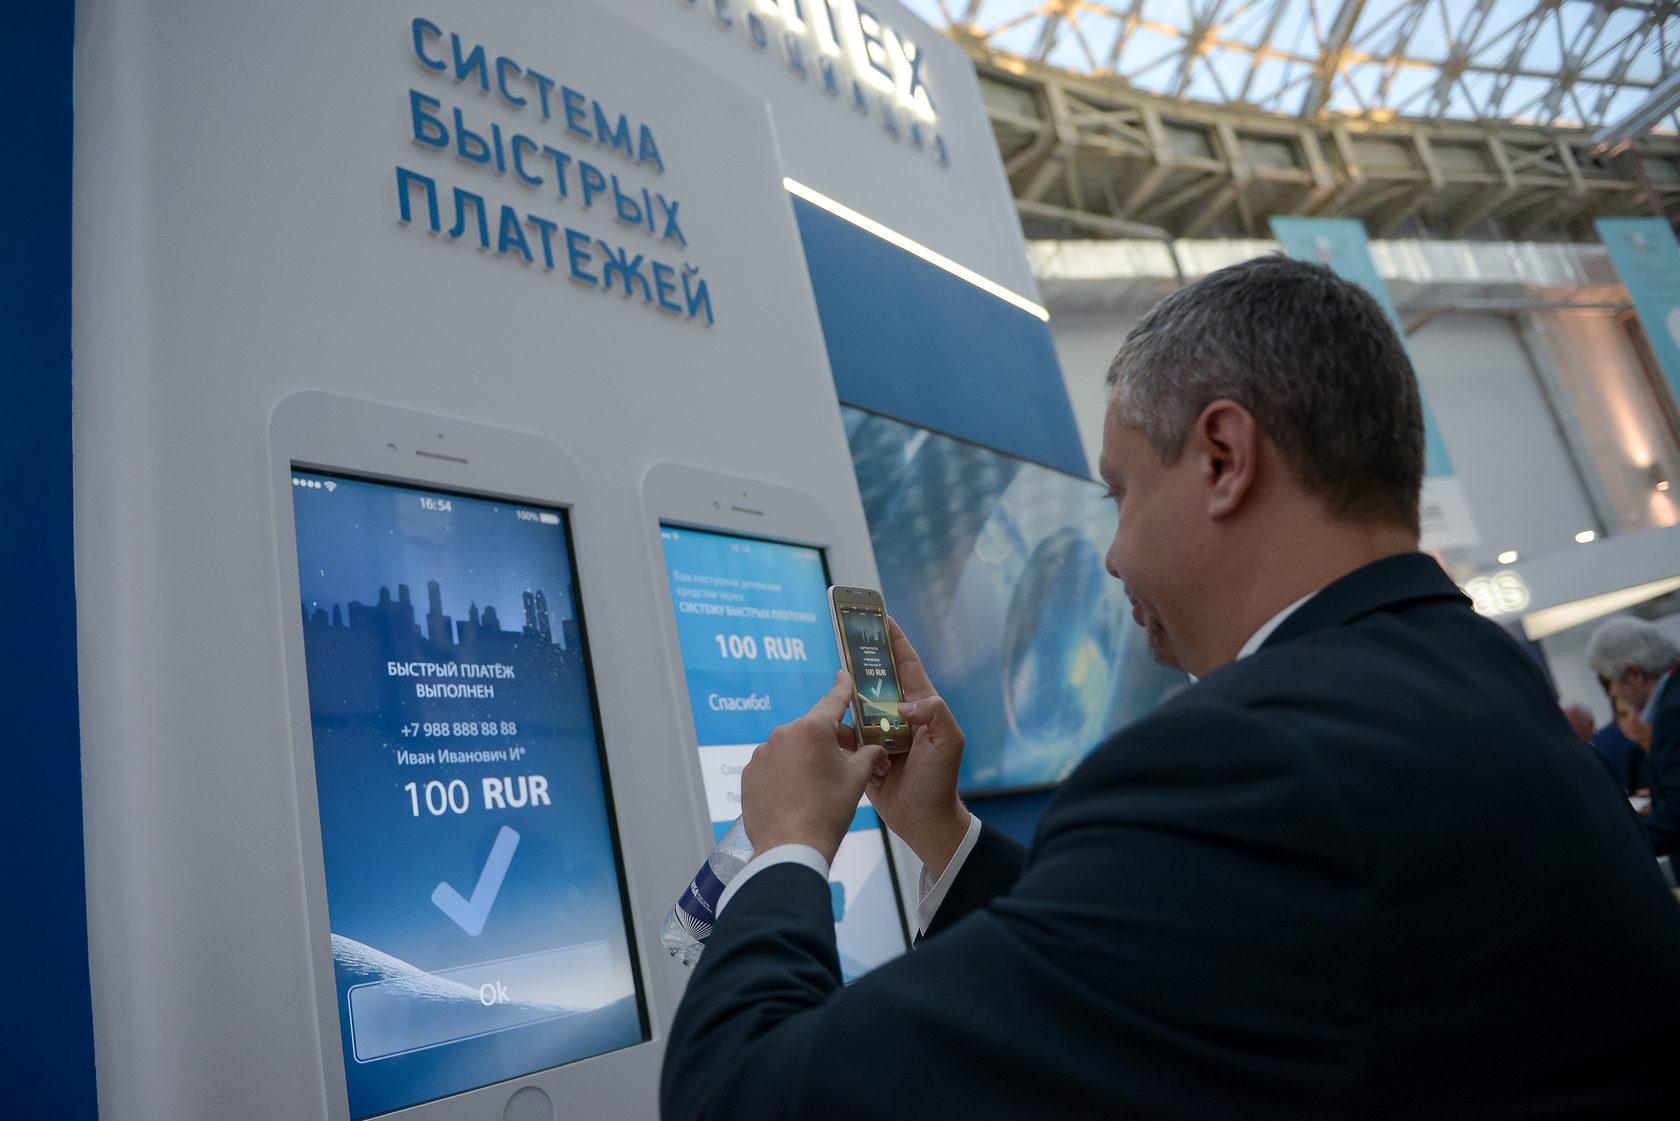 Система быстрых платежей: налетай, пока бесплатно! | банки.ру